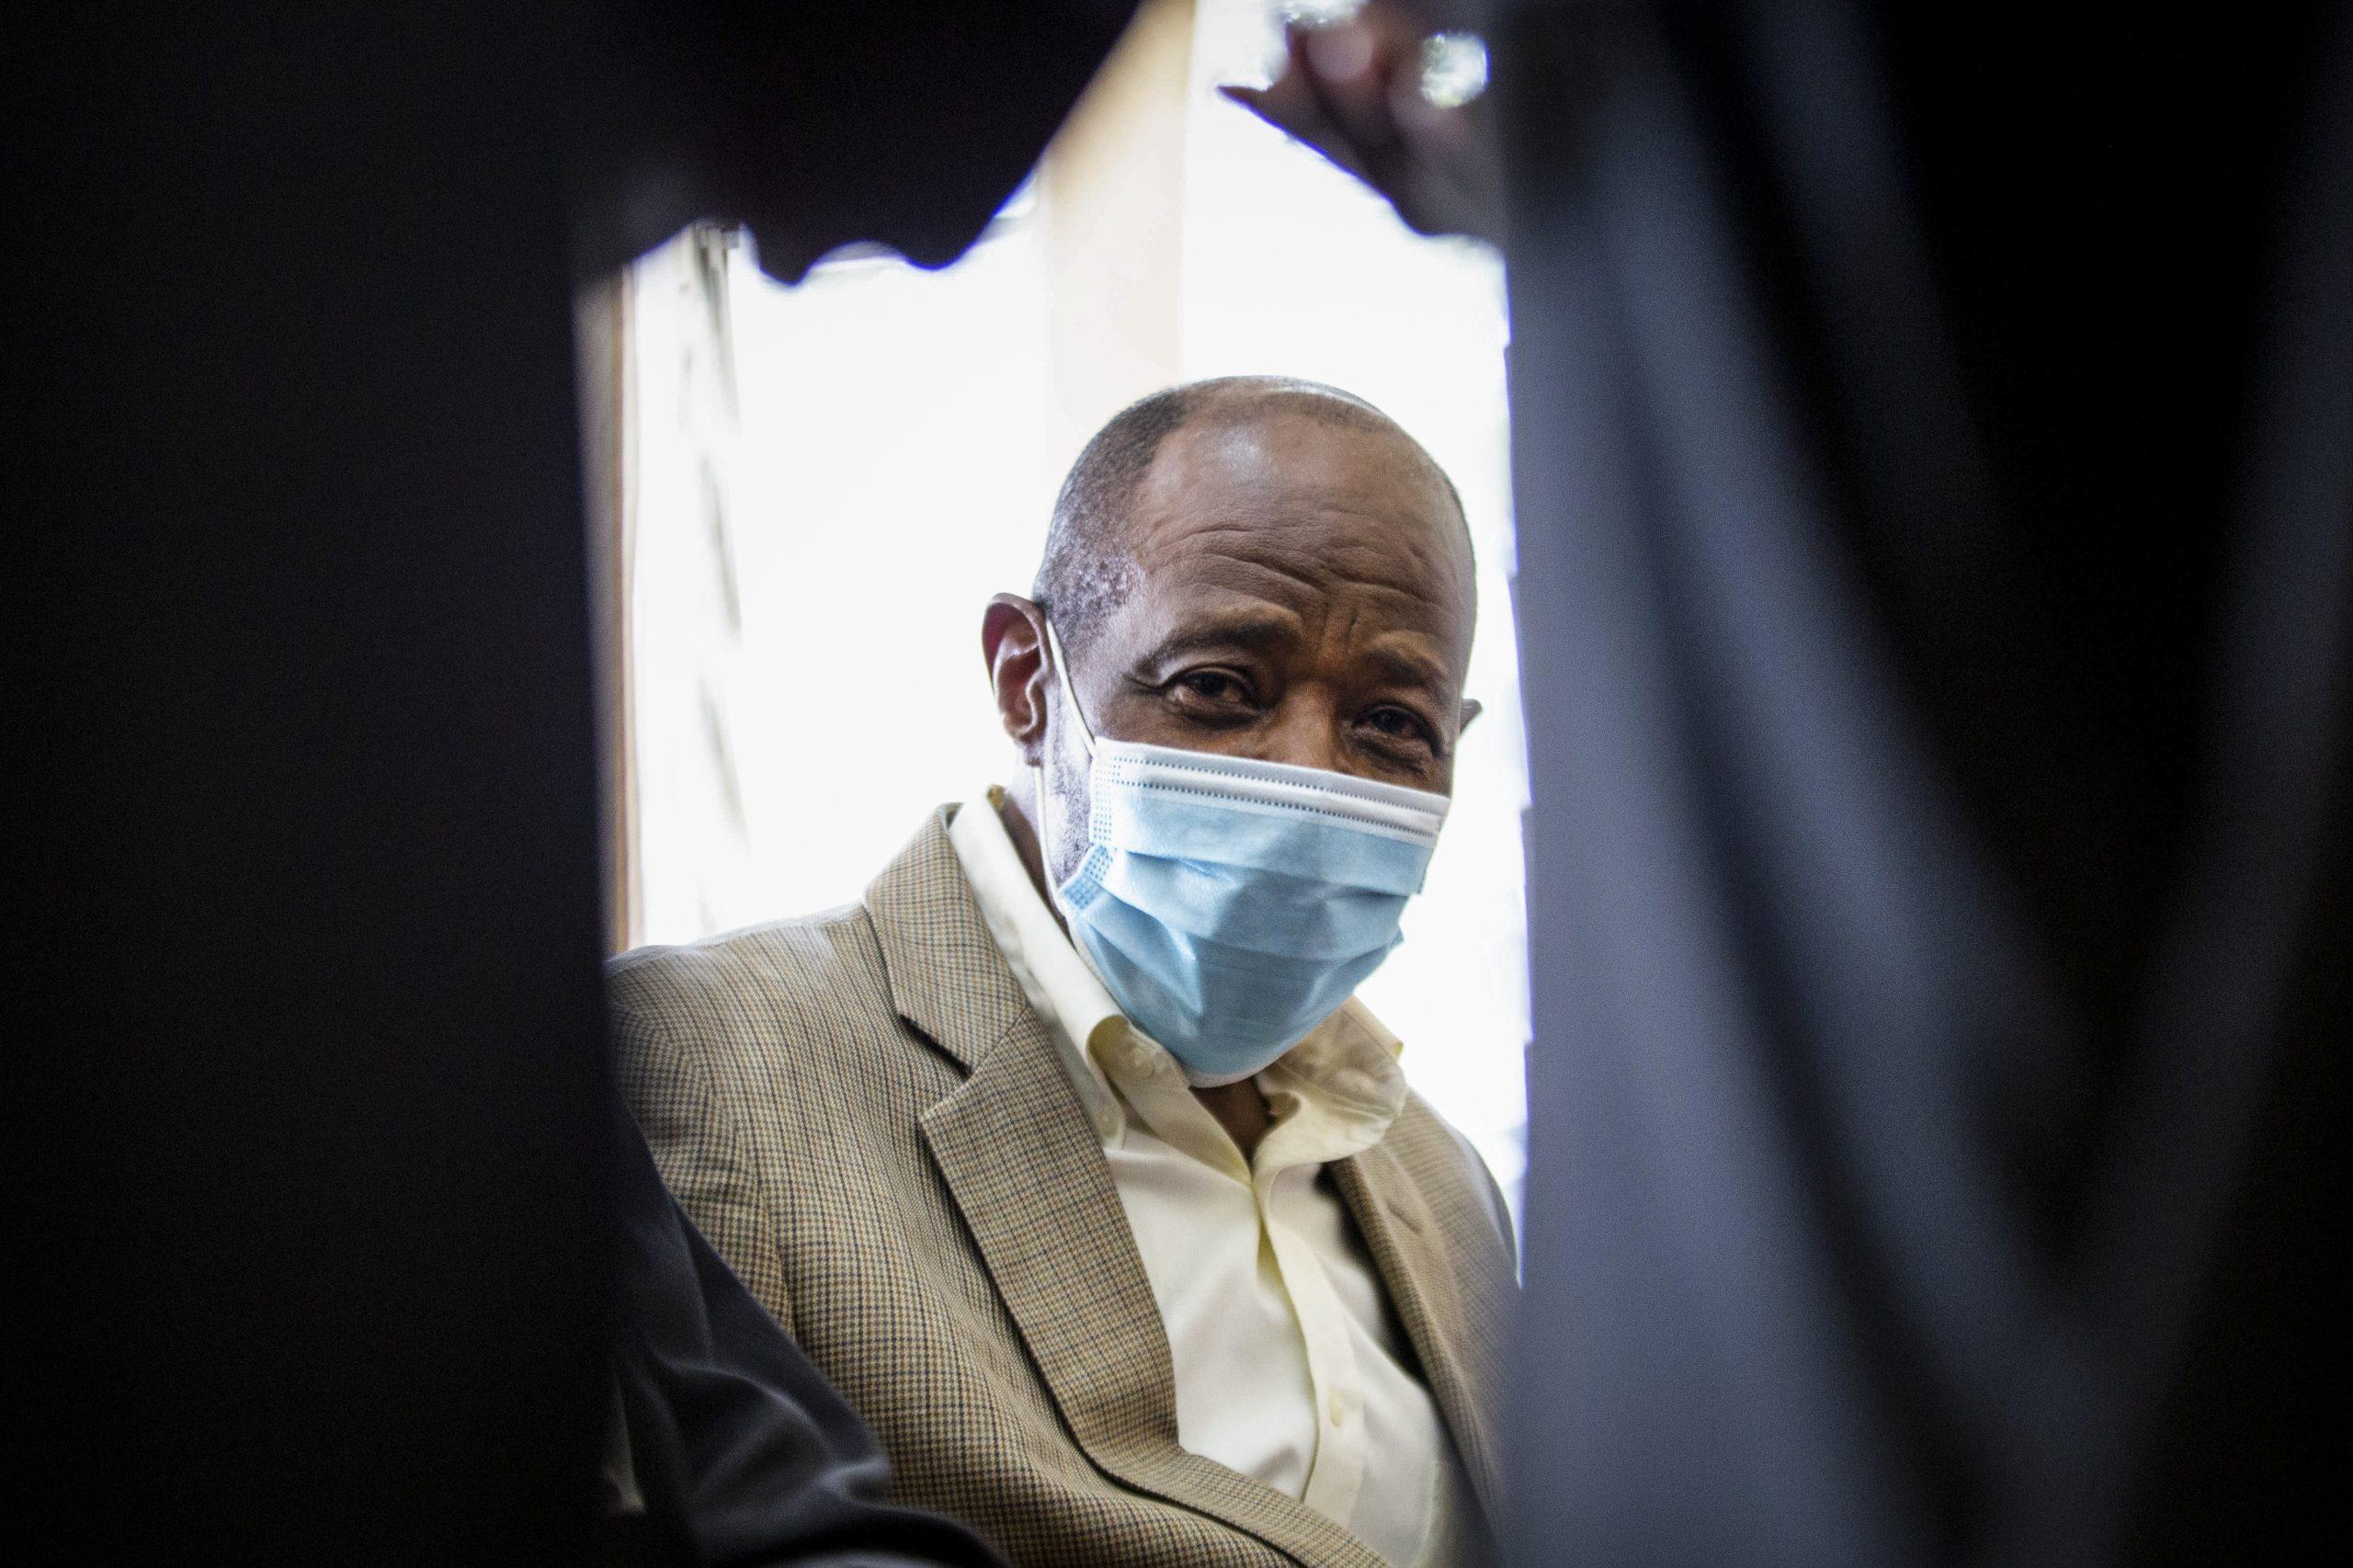 Da eroe ad assassino: qual è la verità sull'eroe di Hotel Ruanda?